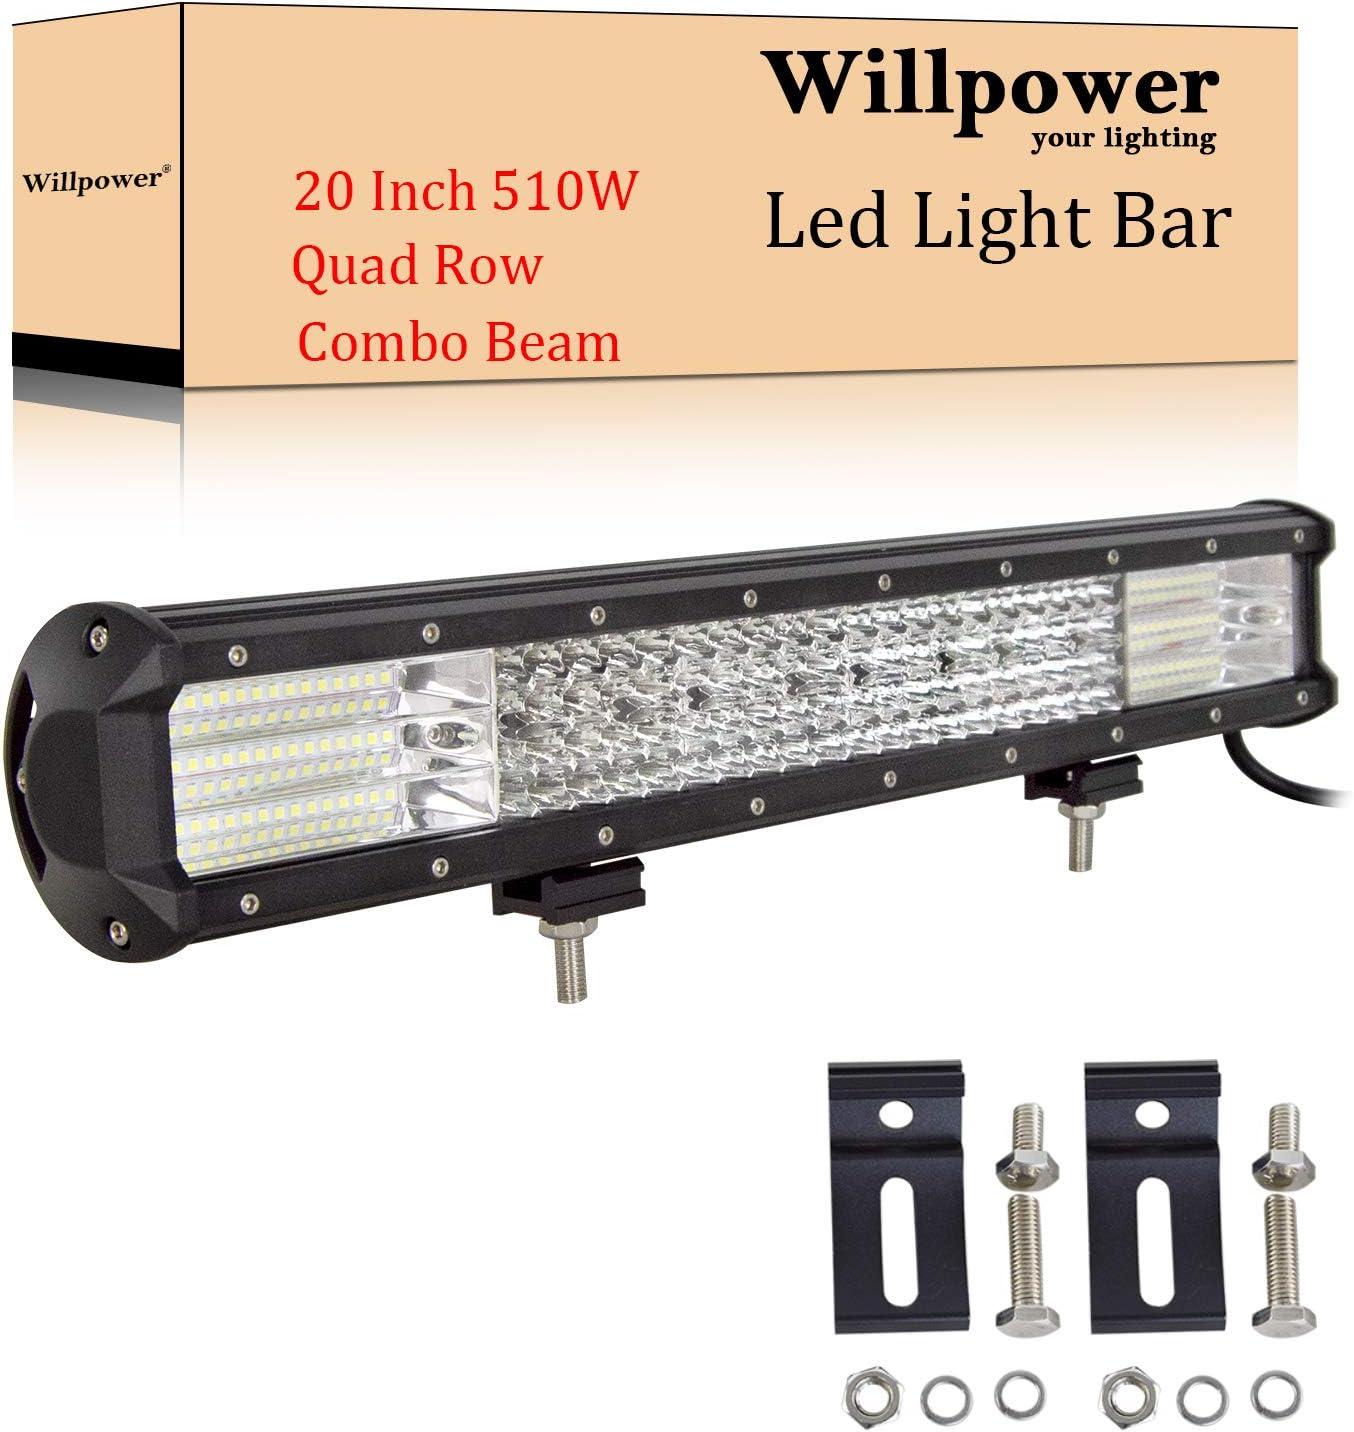 Willpower Barra LED 4x4 510W 50cm Barras Luce de Trabajo 9D Combinación de Punto Inundación Foco Led 12V 24V 6000K Faro Led IP67 Impermeable para Coche Tractor Camion Barco ATV UTV SUV